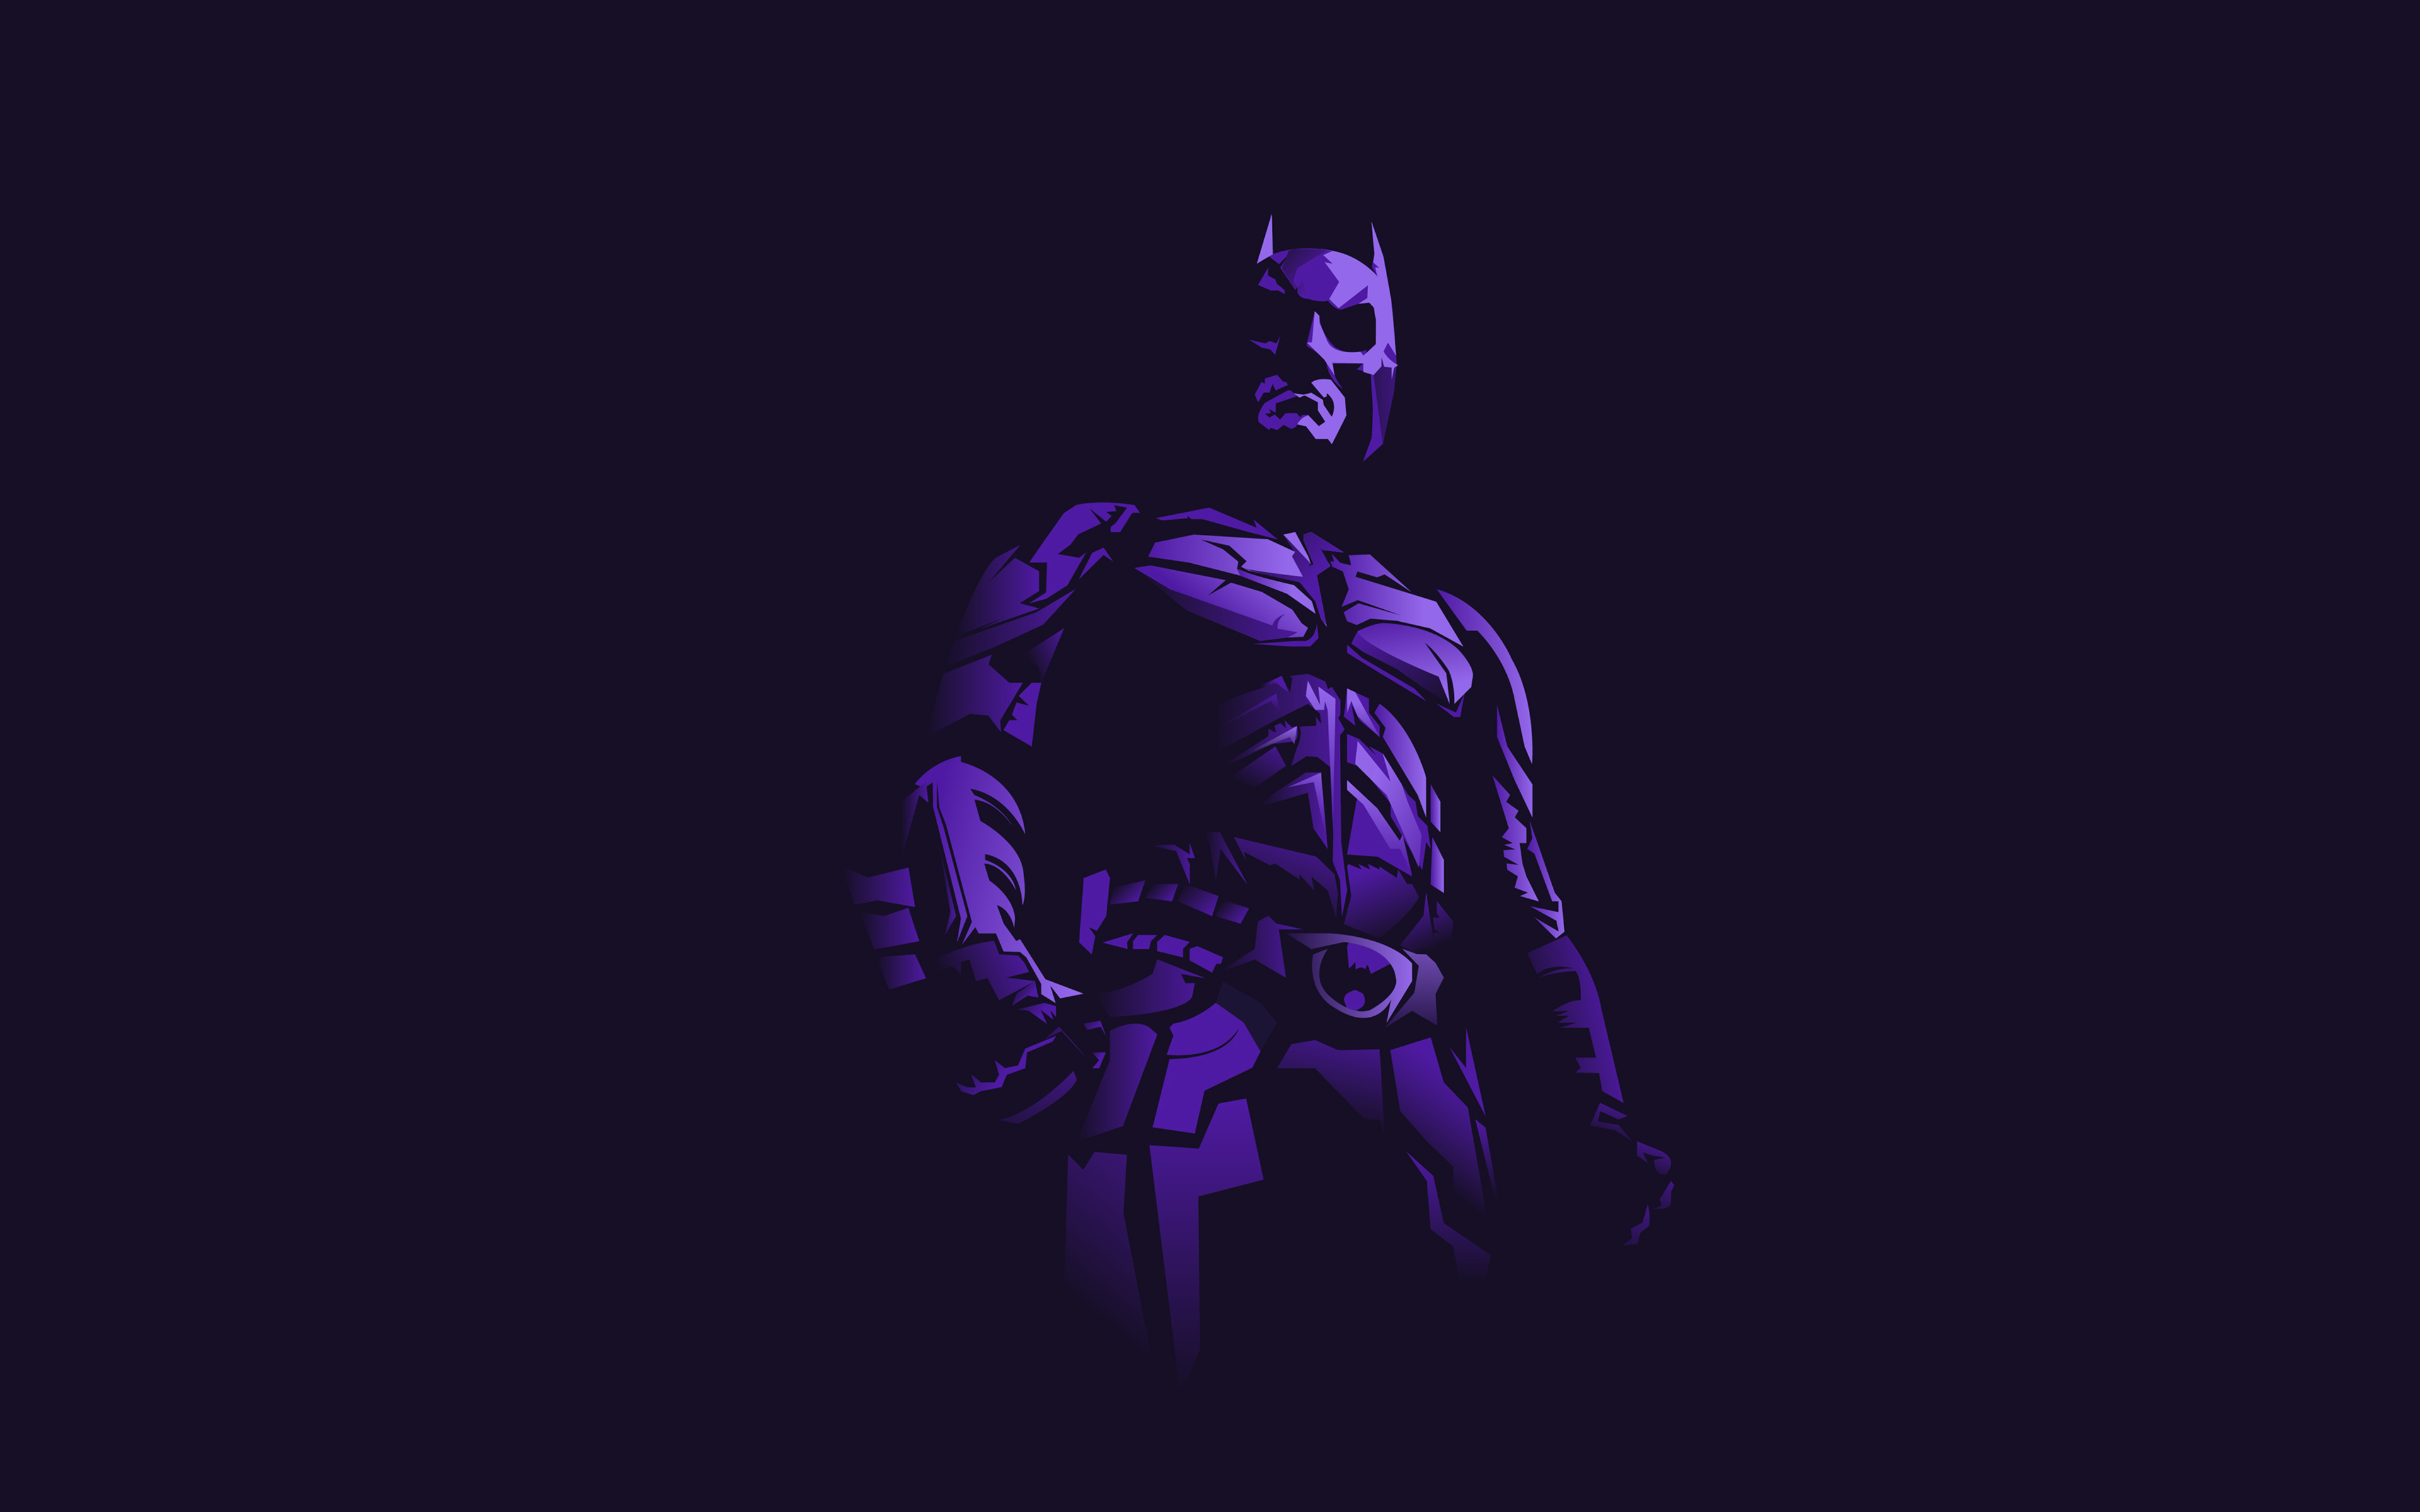 batman-4k-minimalism-art-s4.jpg